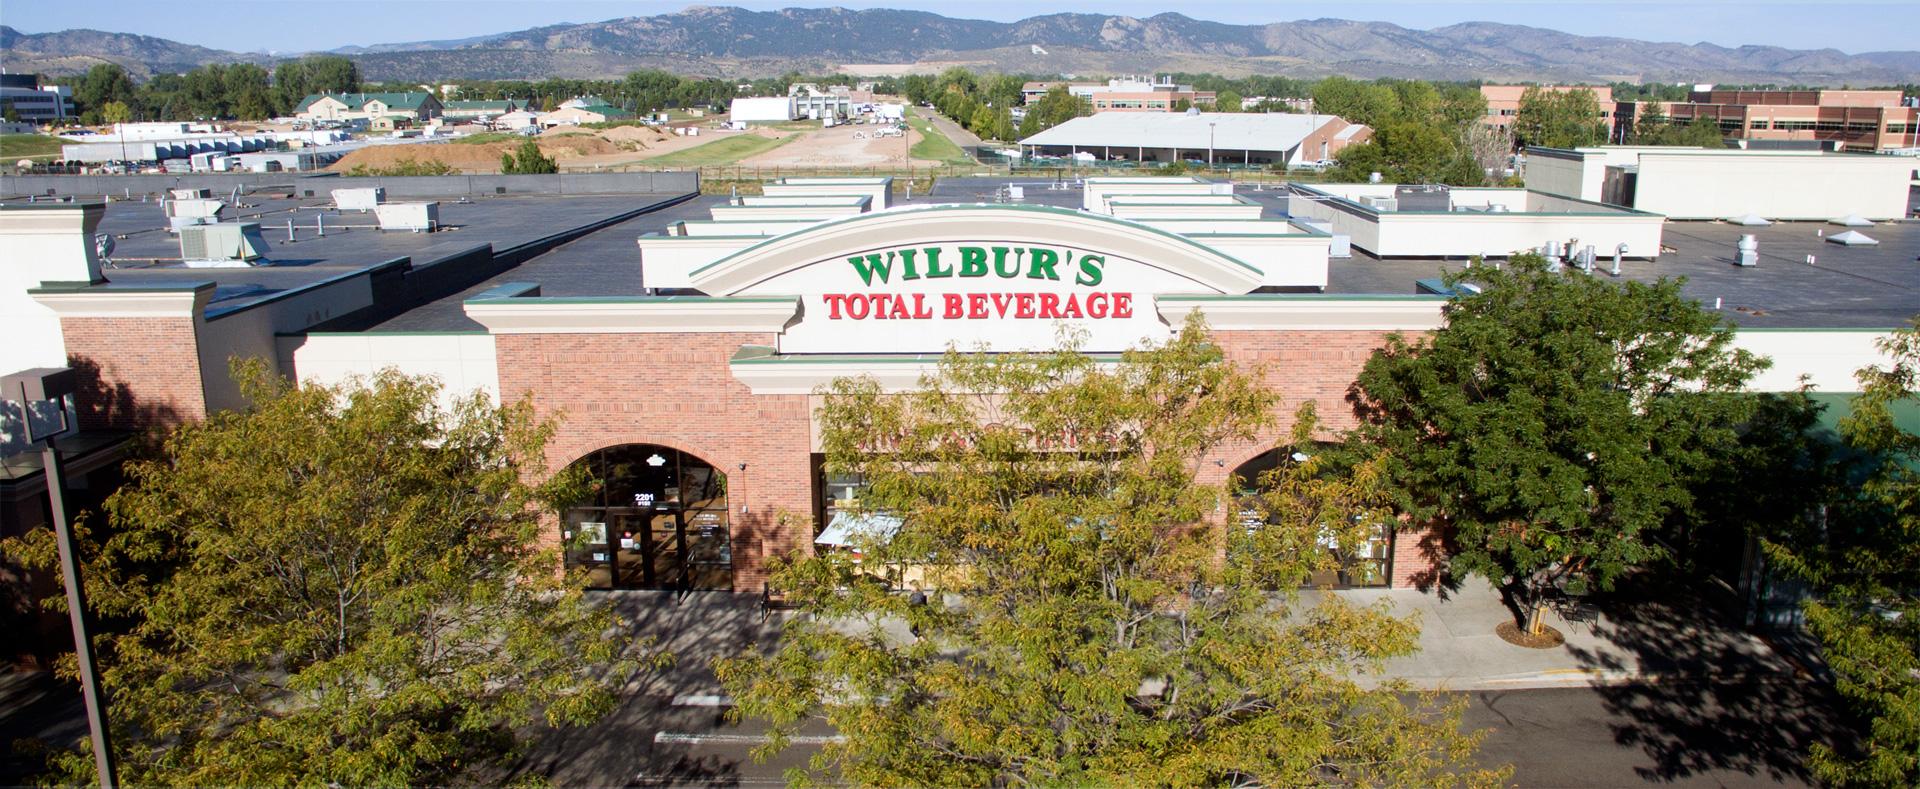 Wilbur's Store Front